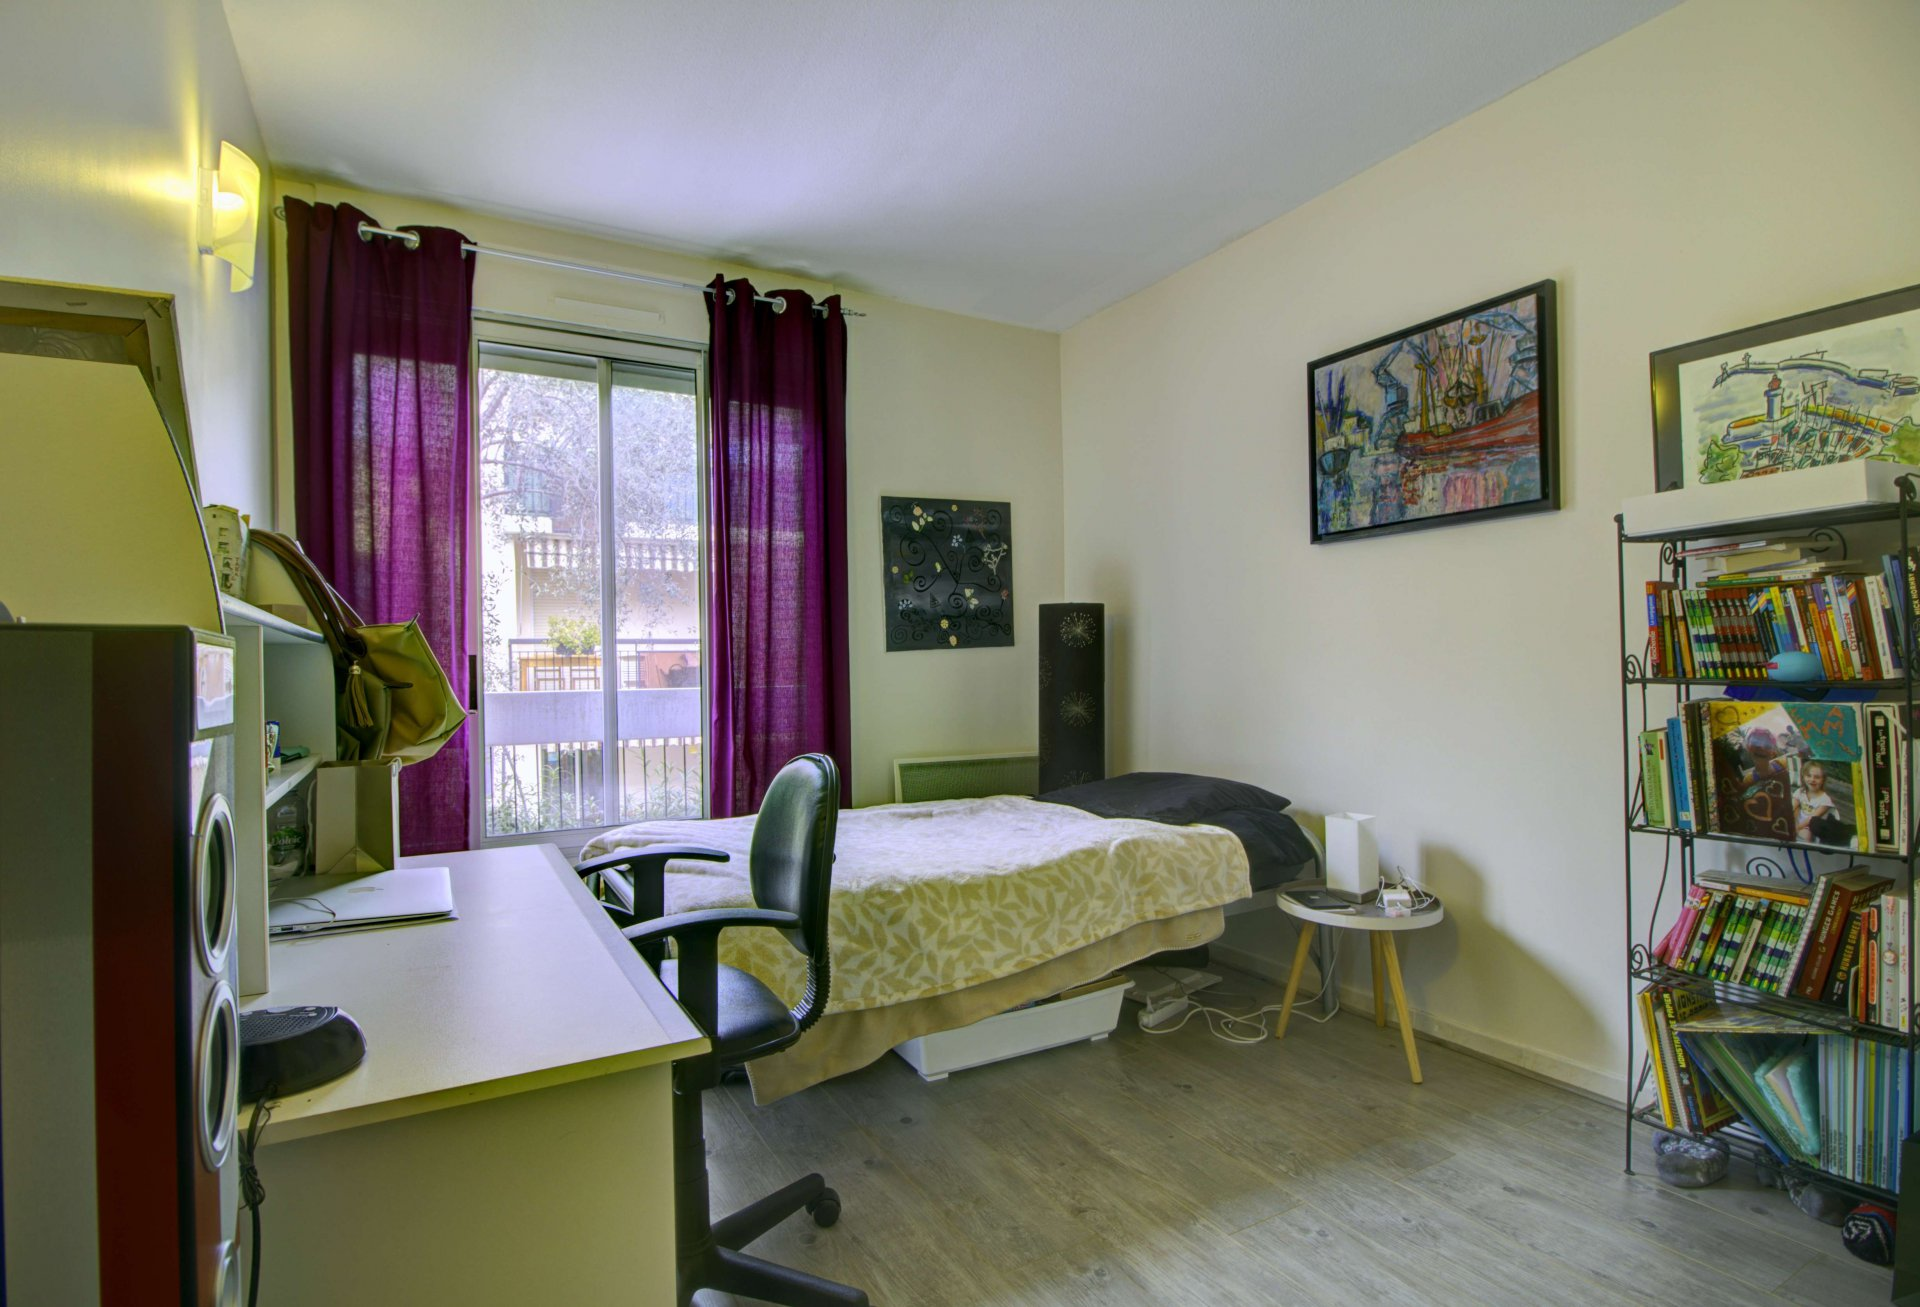 Chambre, lumière naturelle, parquet